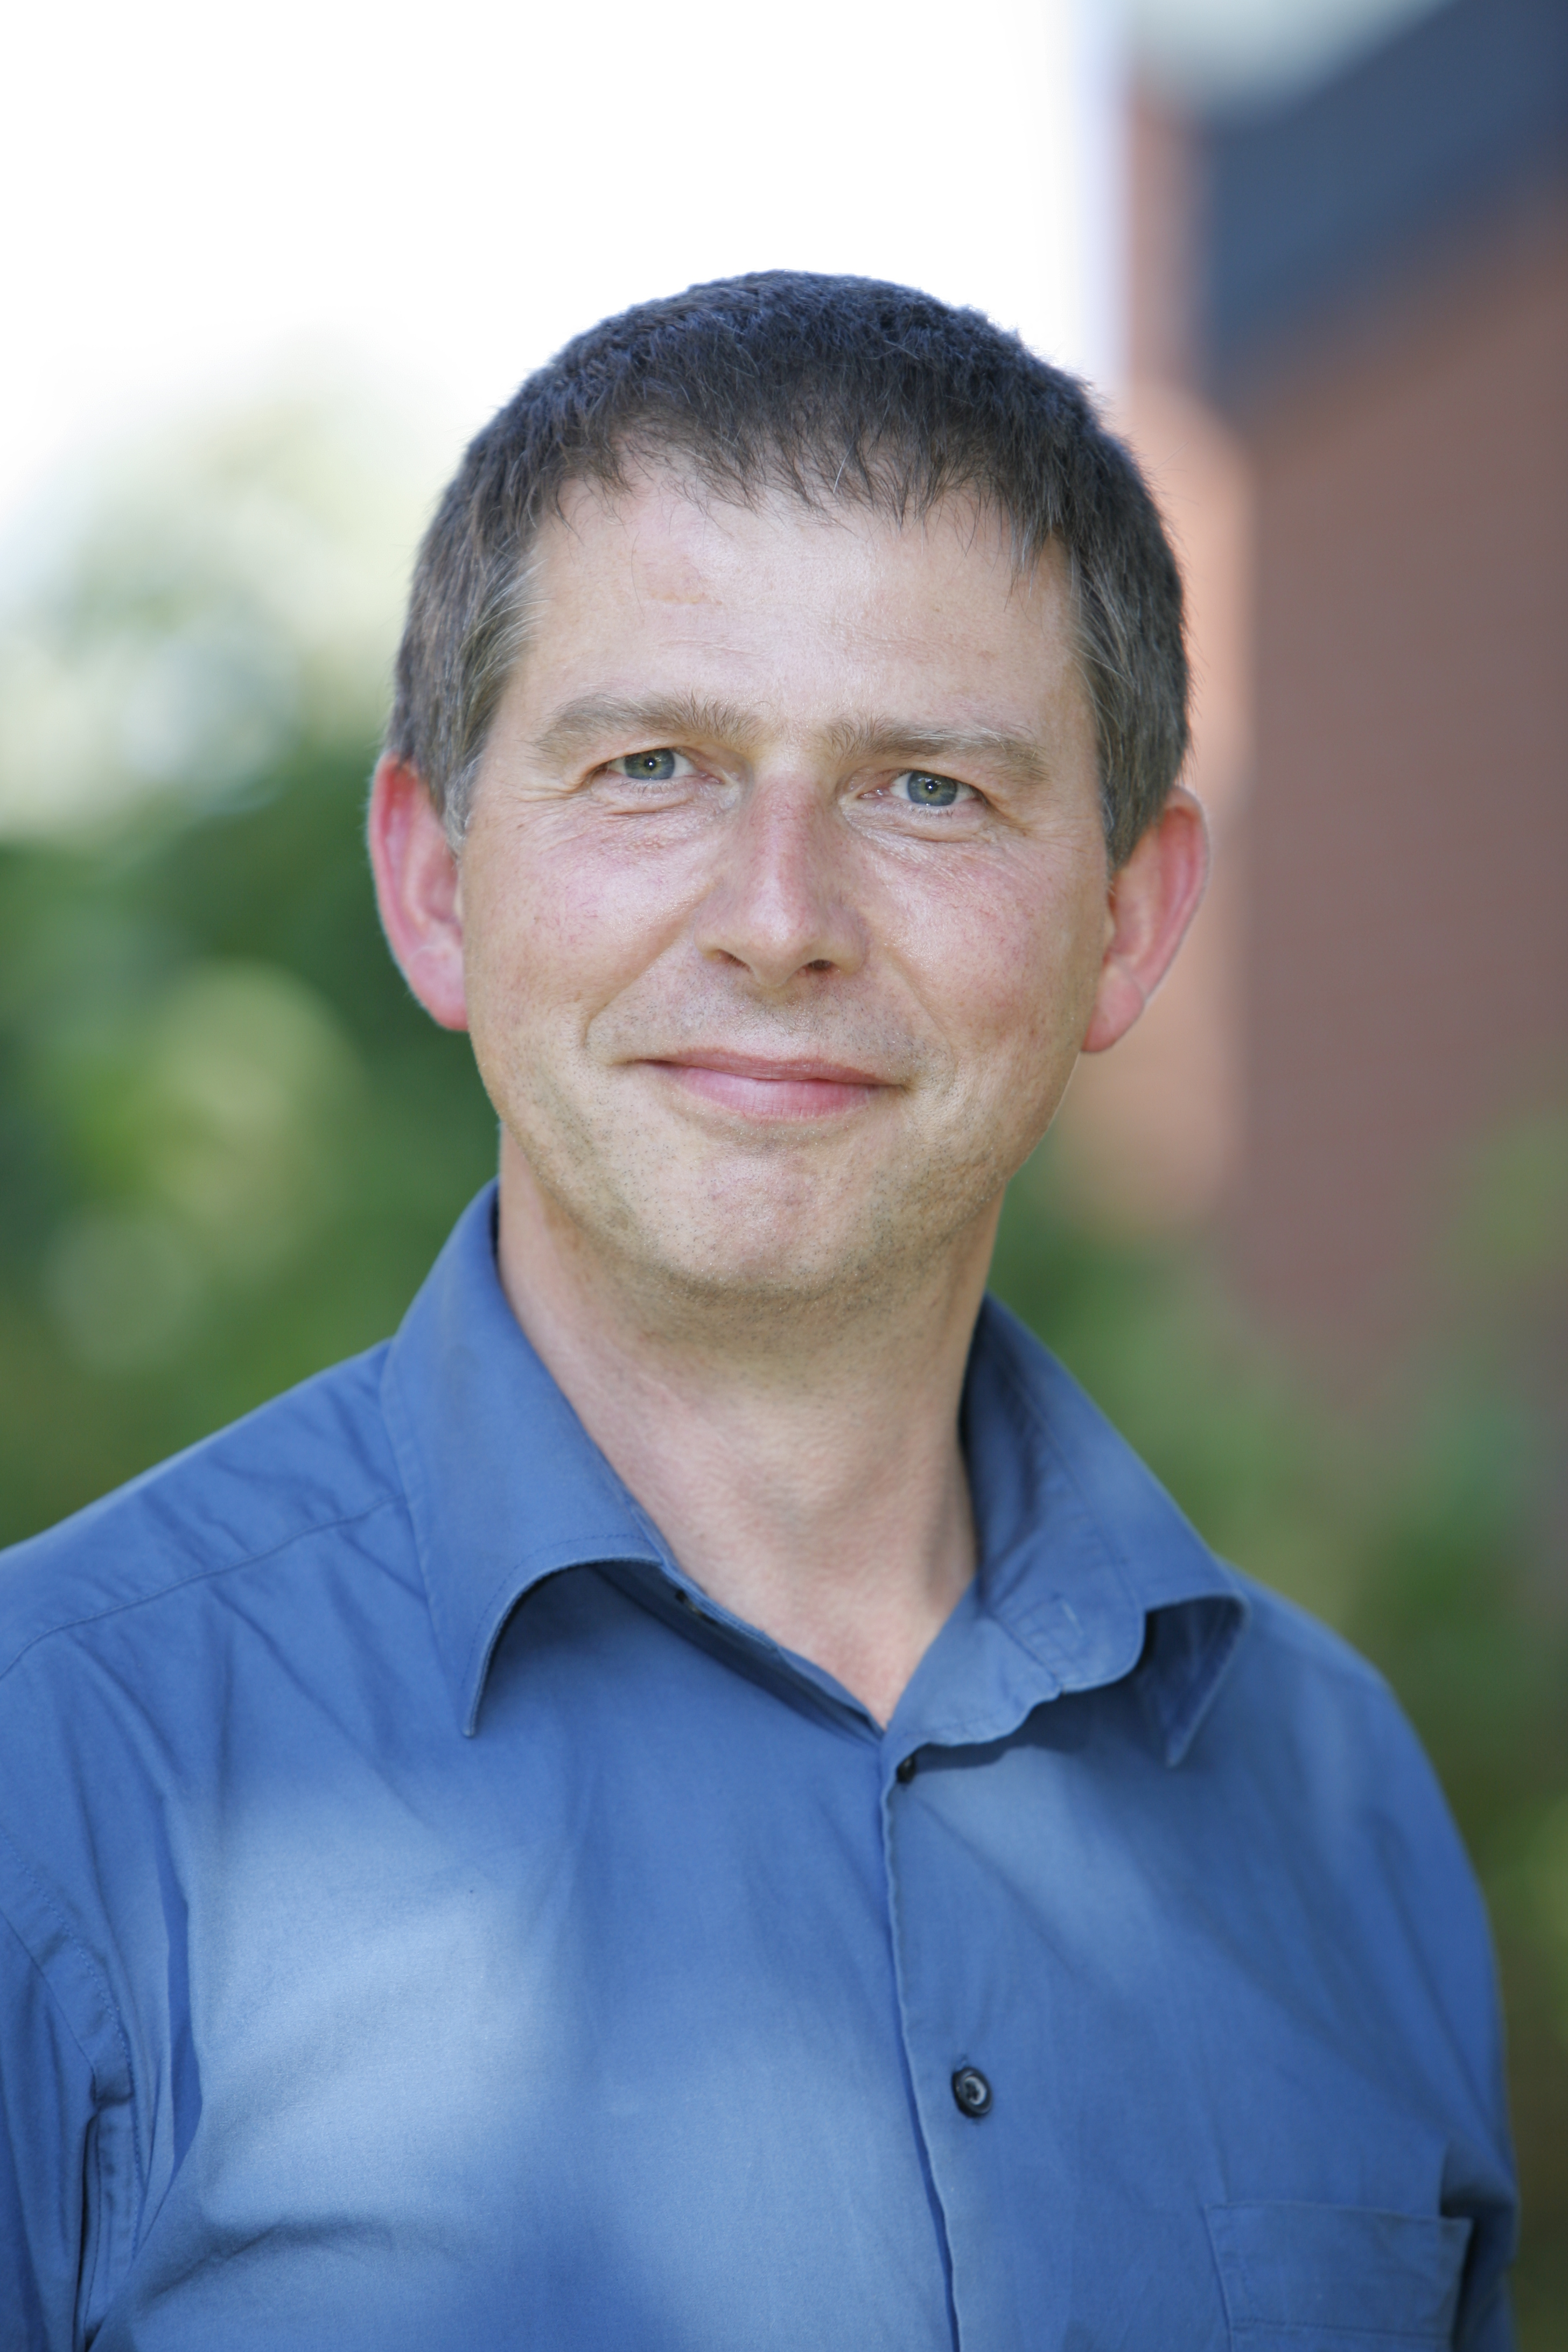 Zu sehen ist Andreas Heimbach im blauen Hemd vor der Praxis Zeitraum